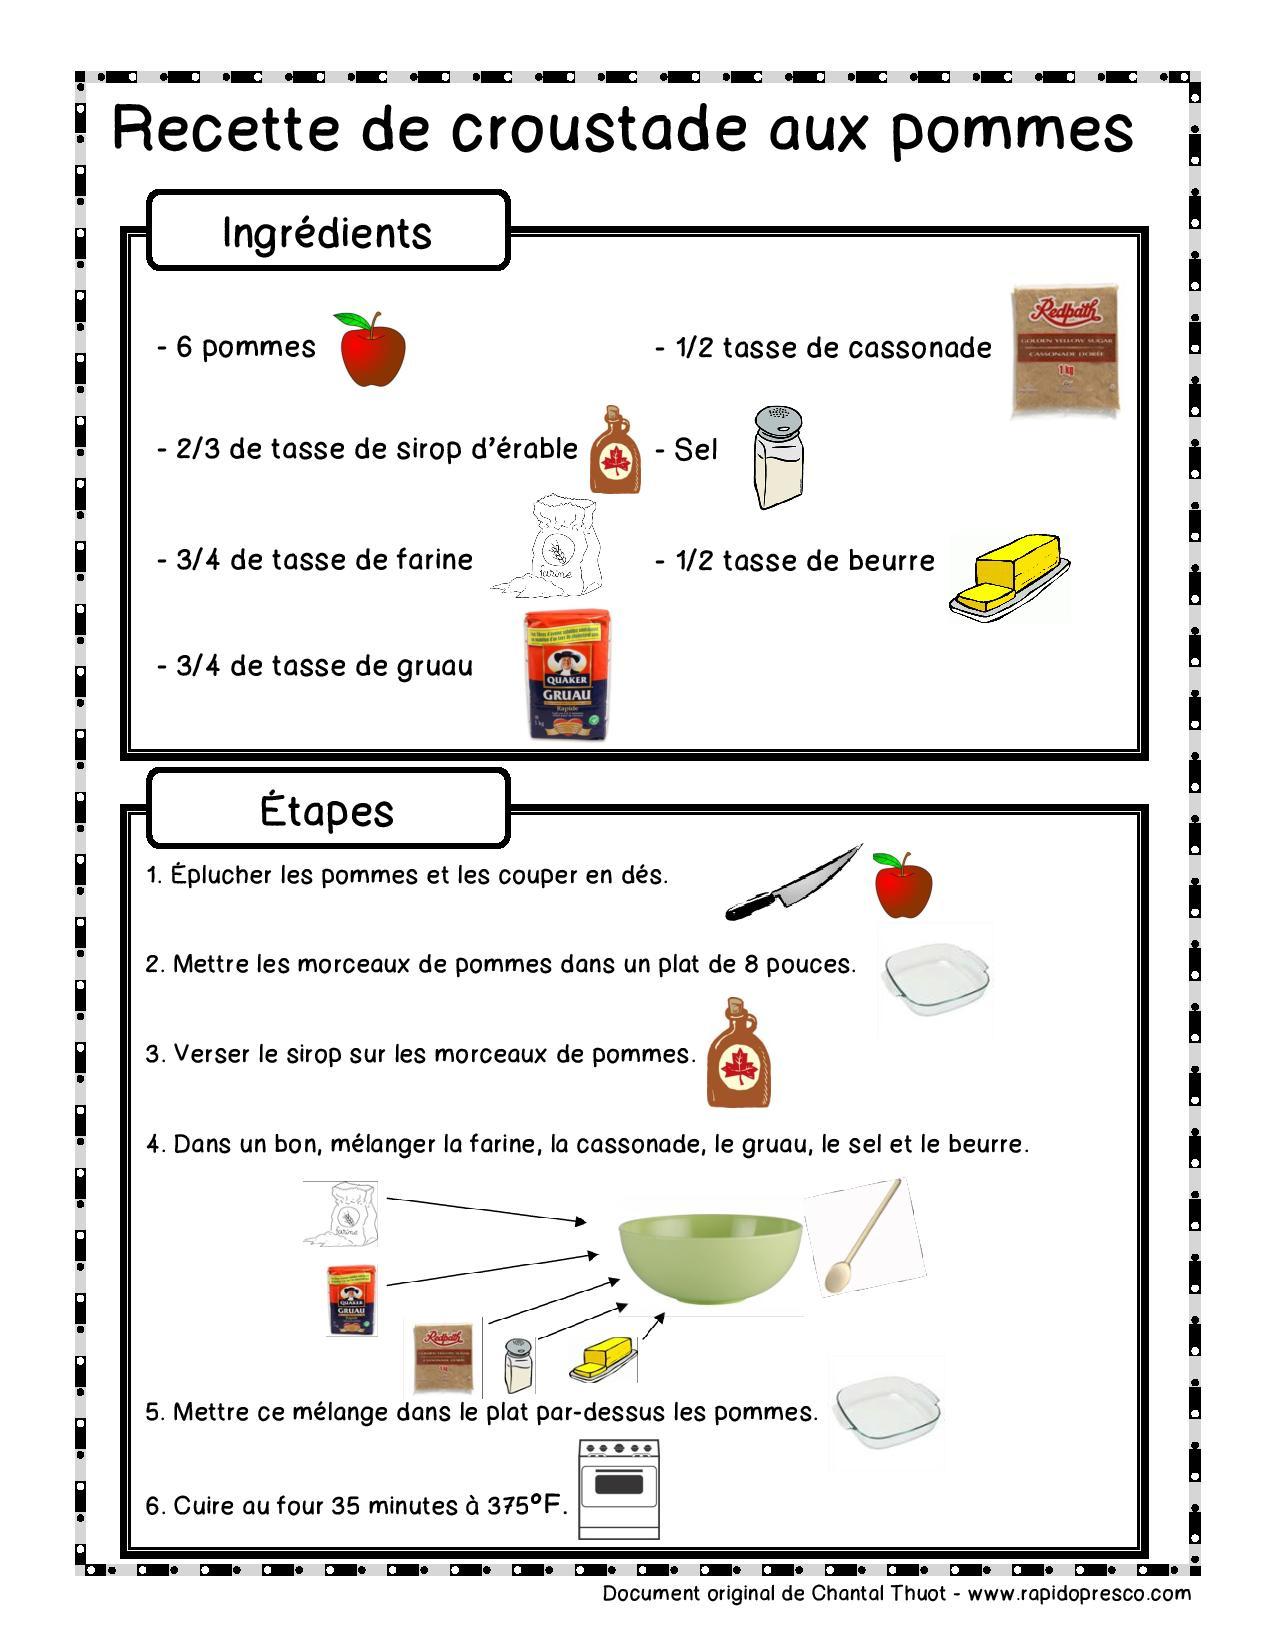 Recette illustr e croustade aux pommes rapido pr sco - Cuisiner avec ce que l on a dans le frigo ...